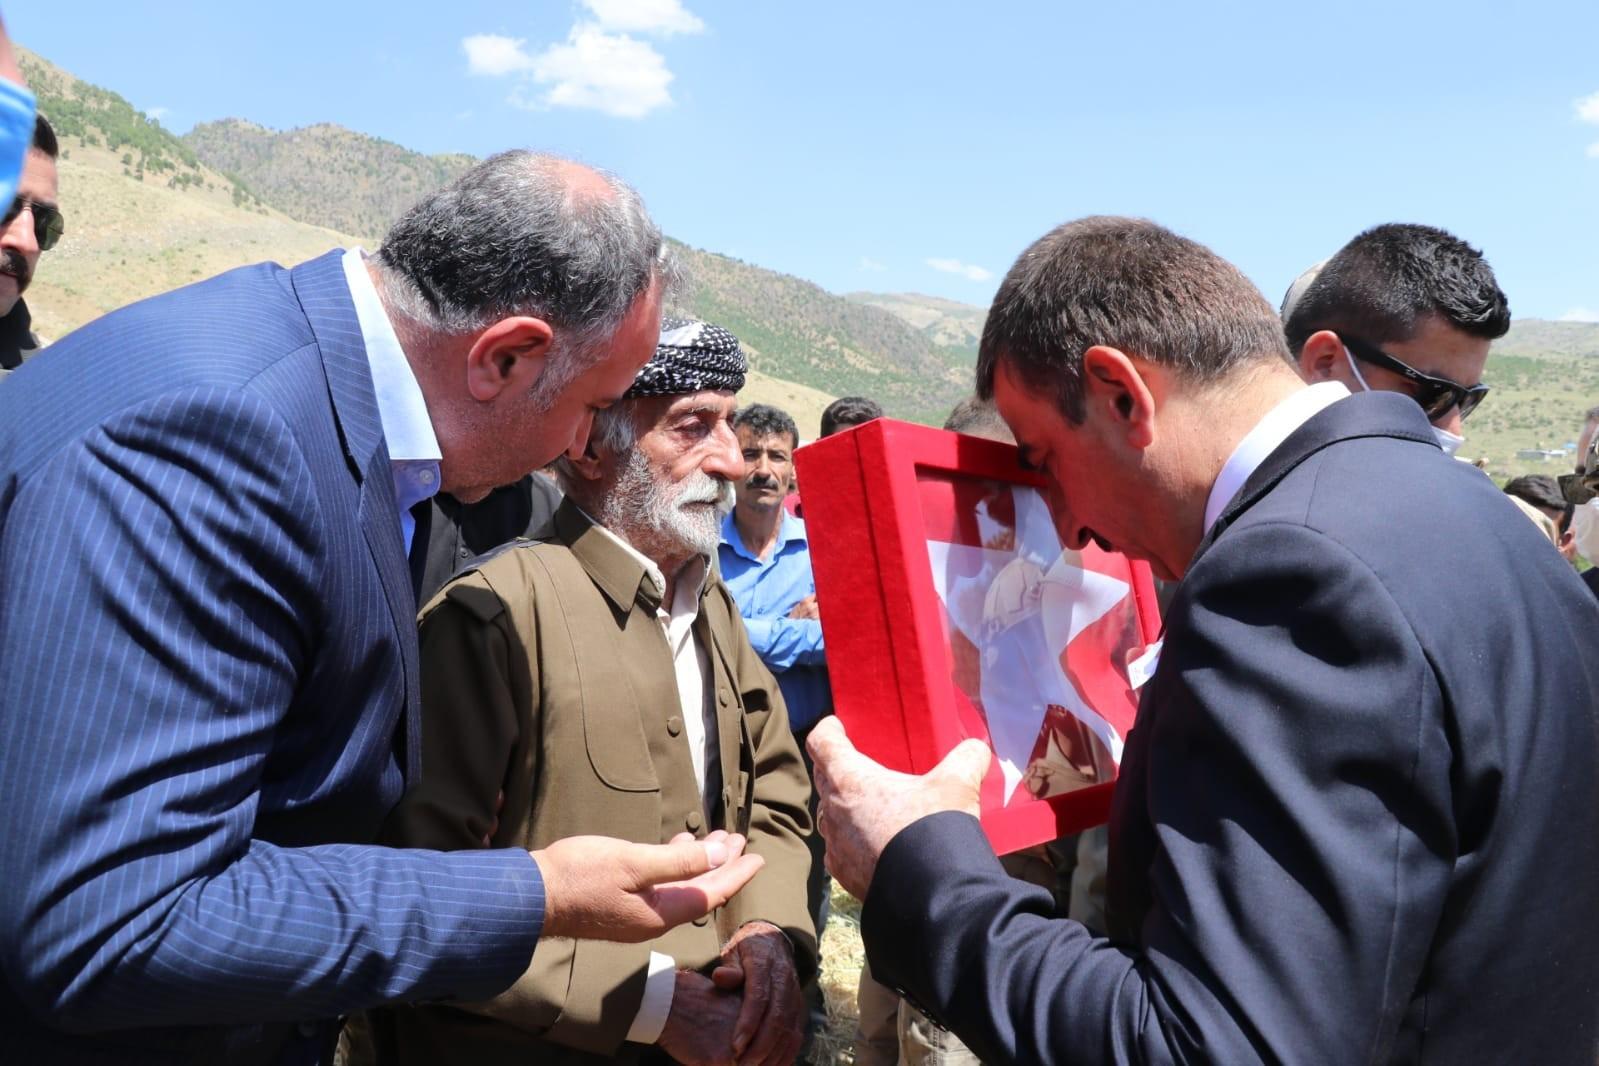 Siirt Valisi Hacıbektaşoğlu, şehit güvenlik korucusu Mehmet Babat'ın ailesine taziye ziyaretinde bulundu